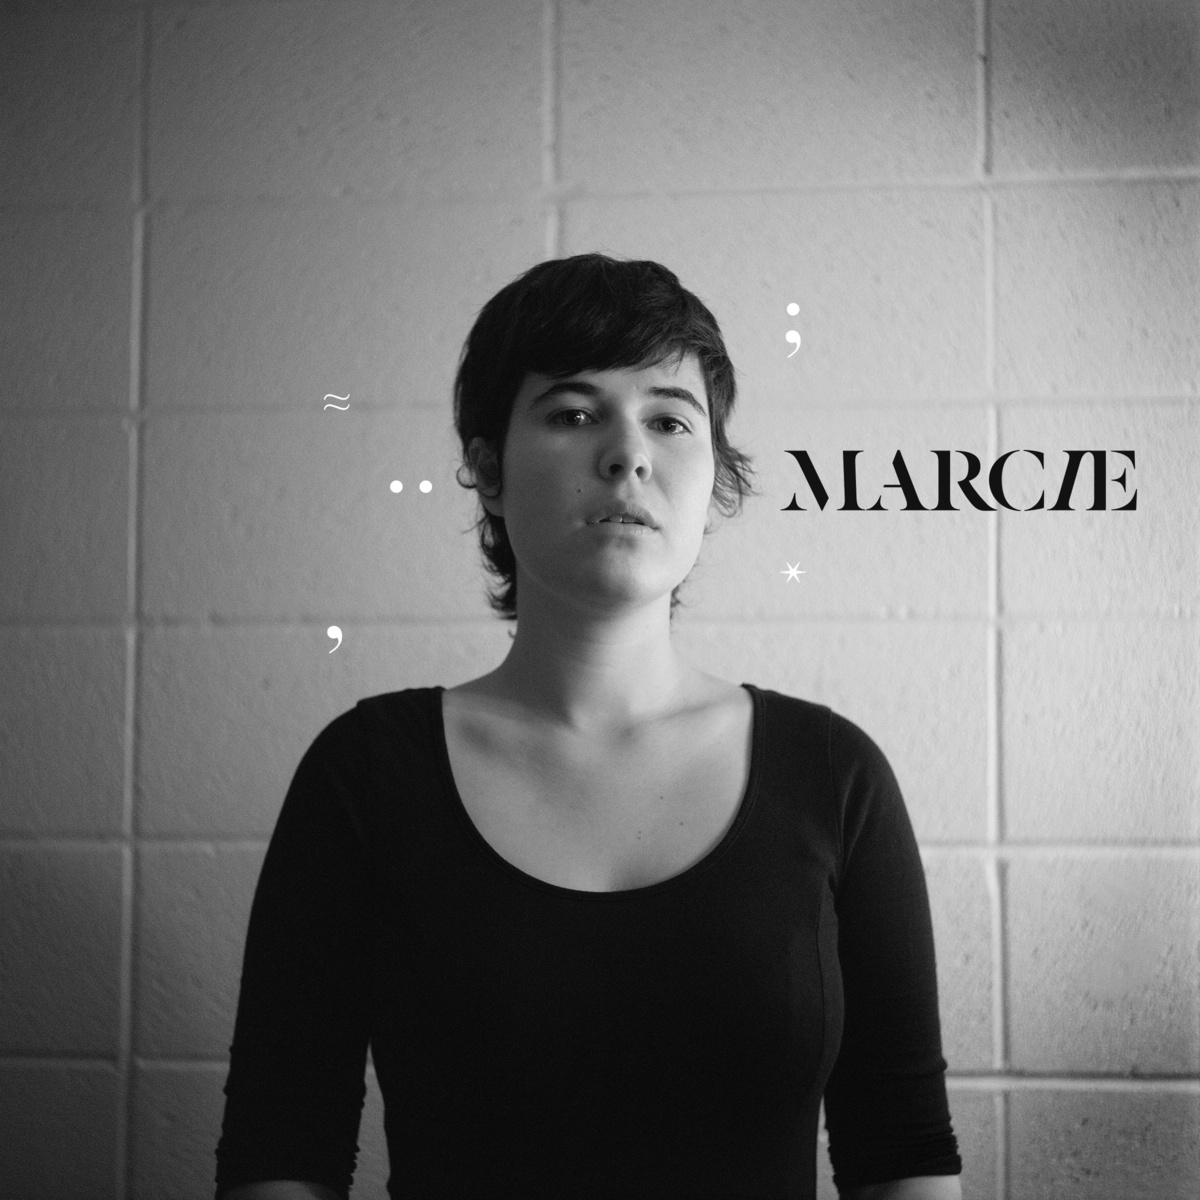 Marcie - Marcie